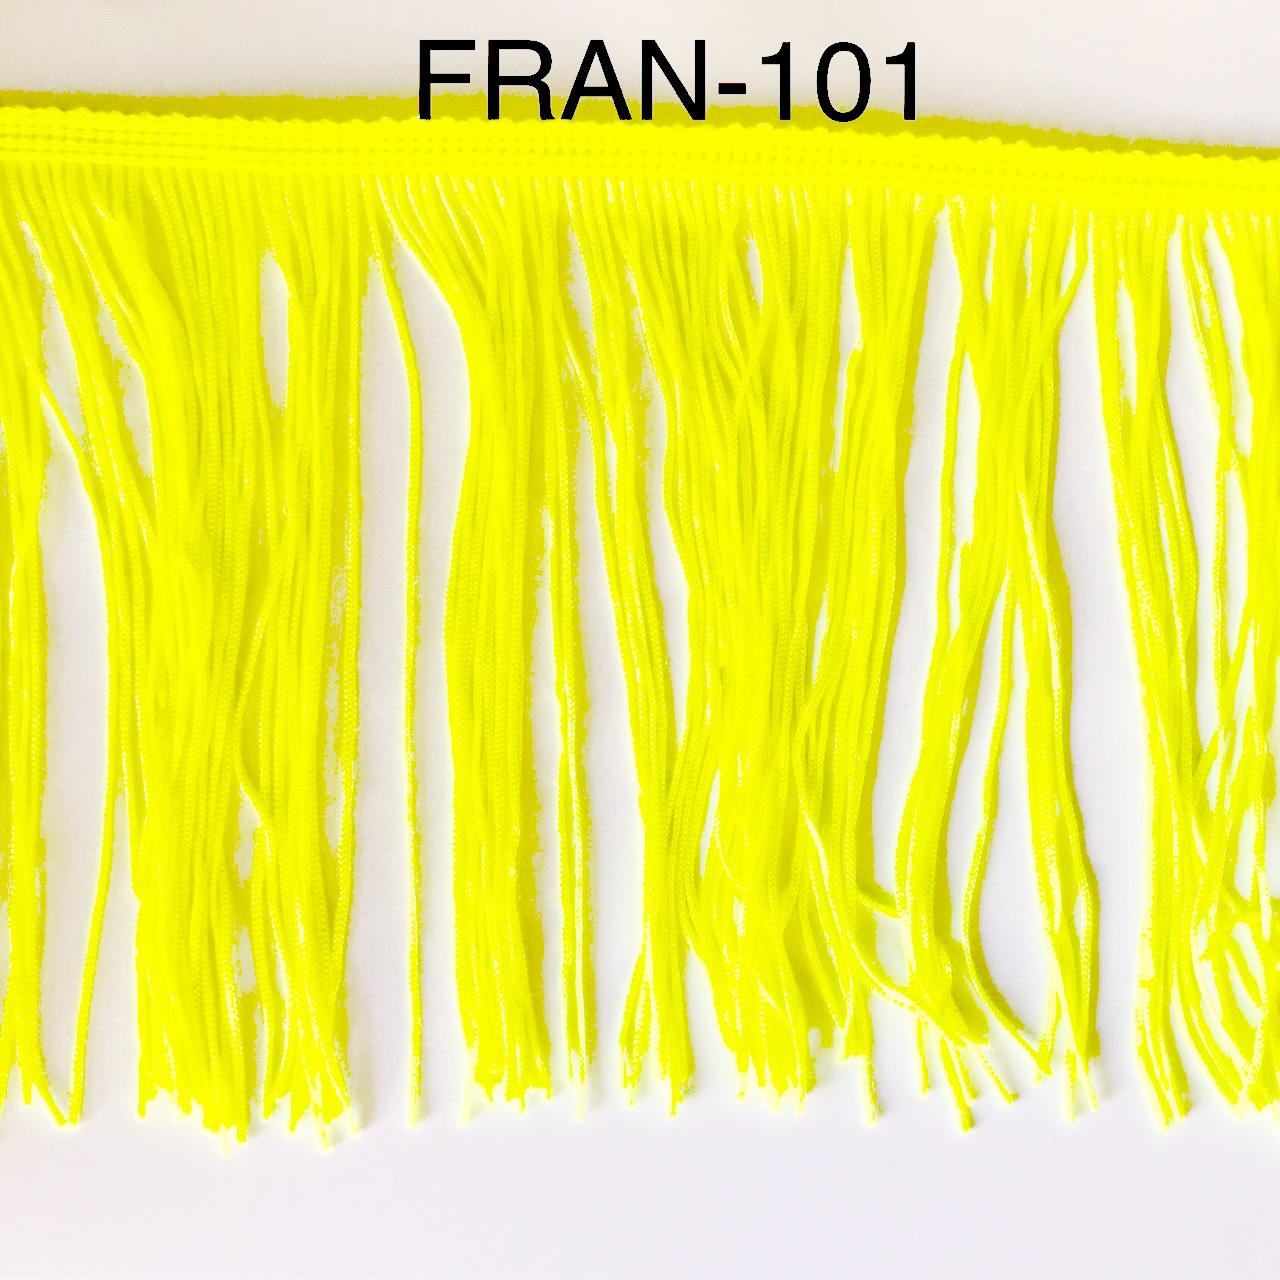 Franges a coudre 15cm jaune fluo 101